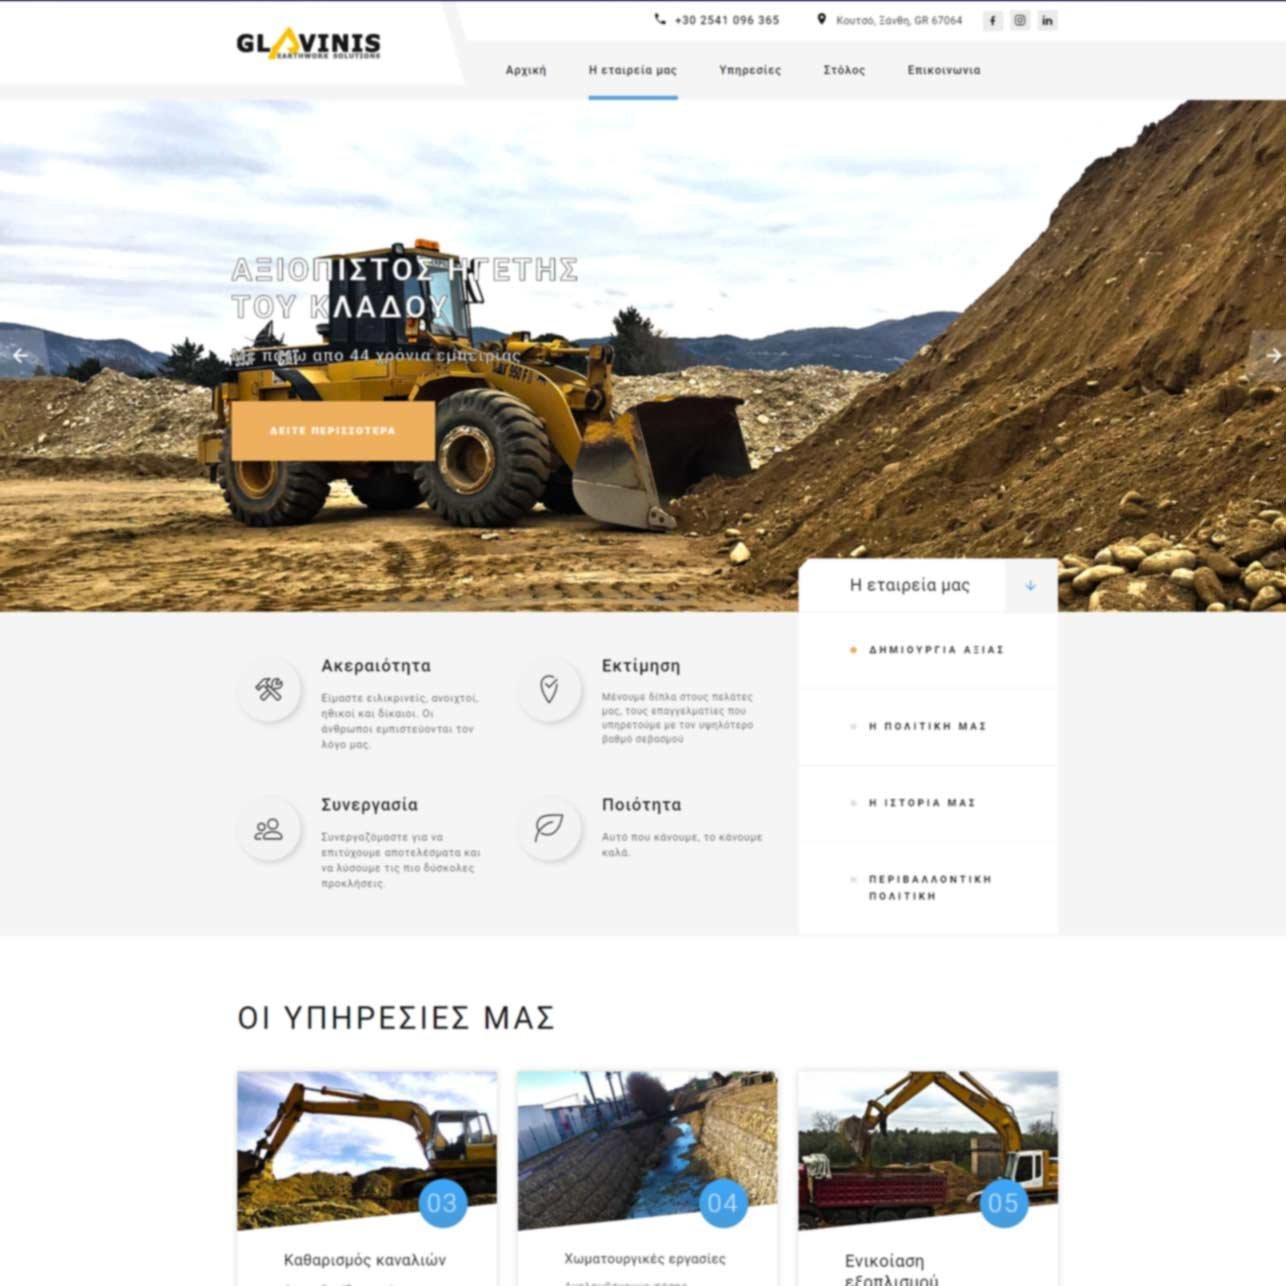 Glavinis Earthwork Solutions